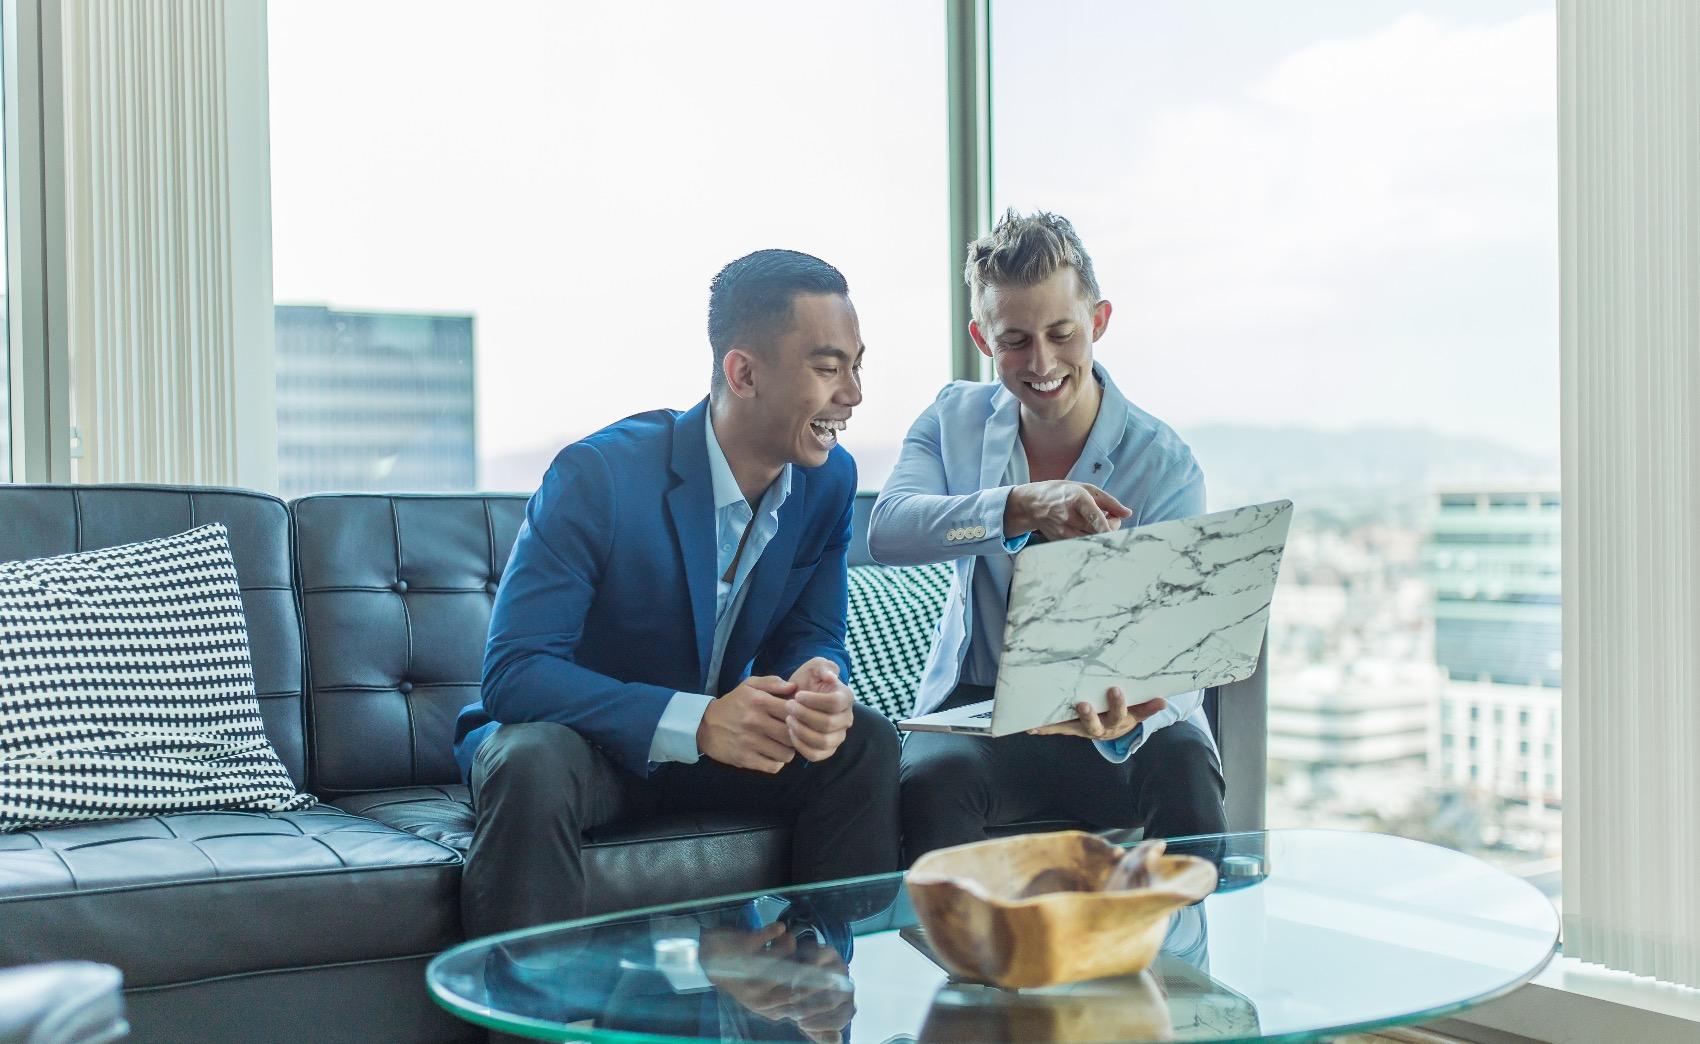 Empresas de contabilidade: como funcionam?